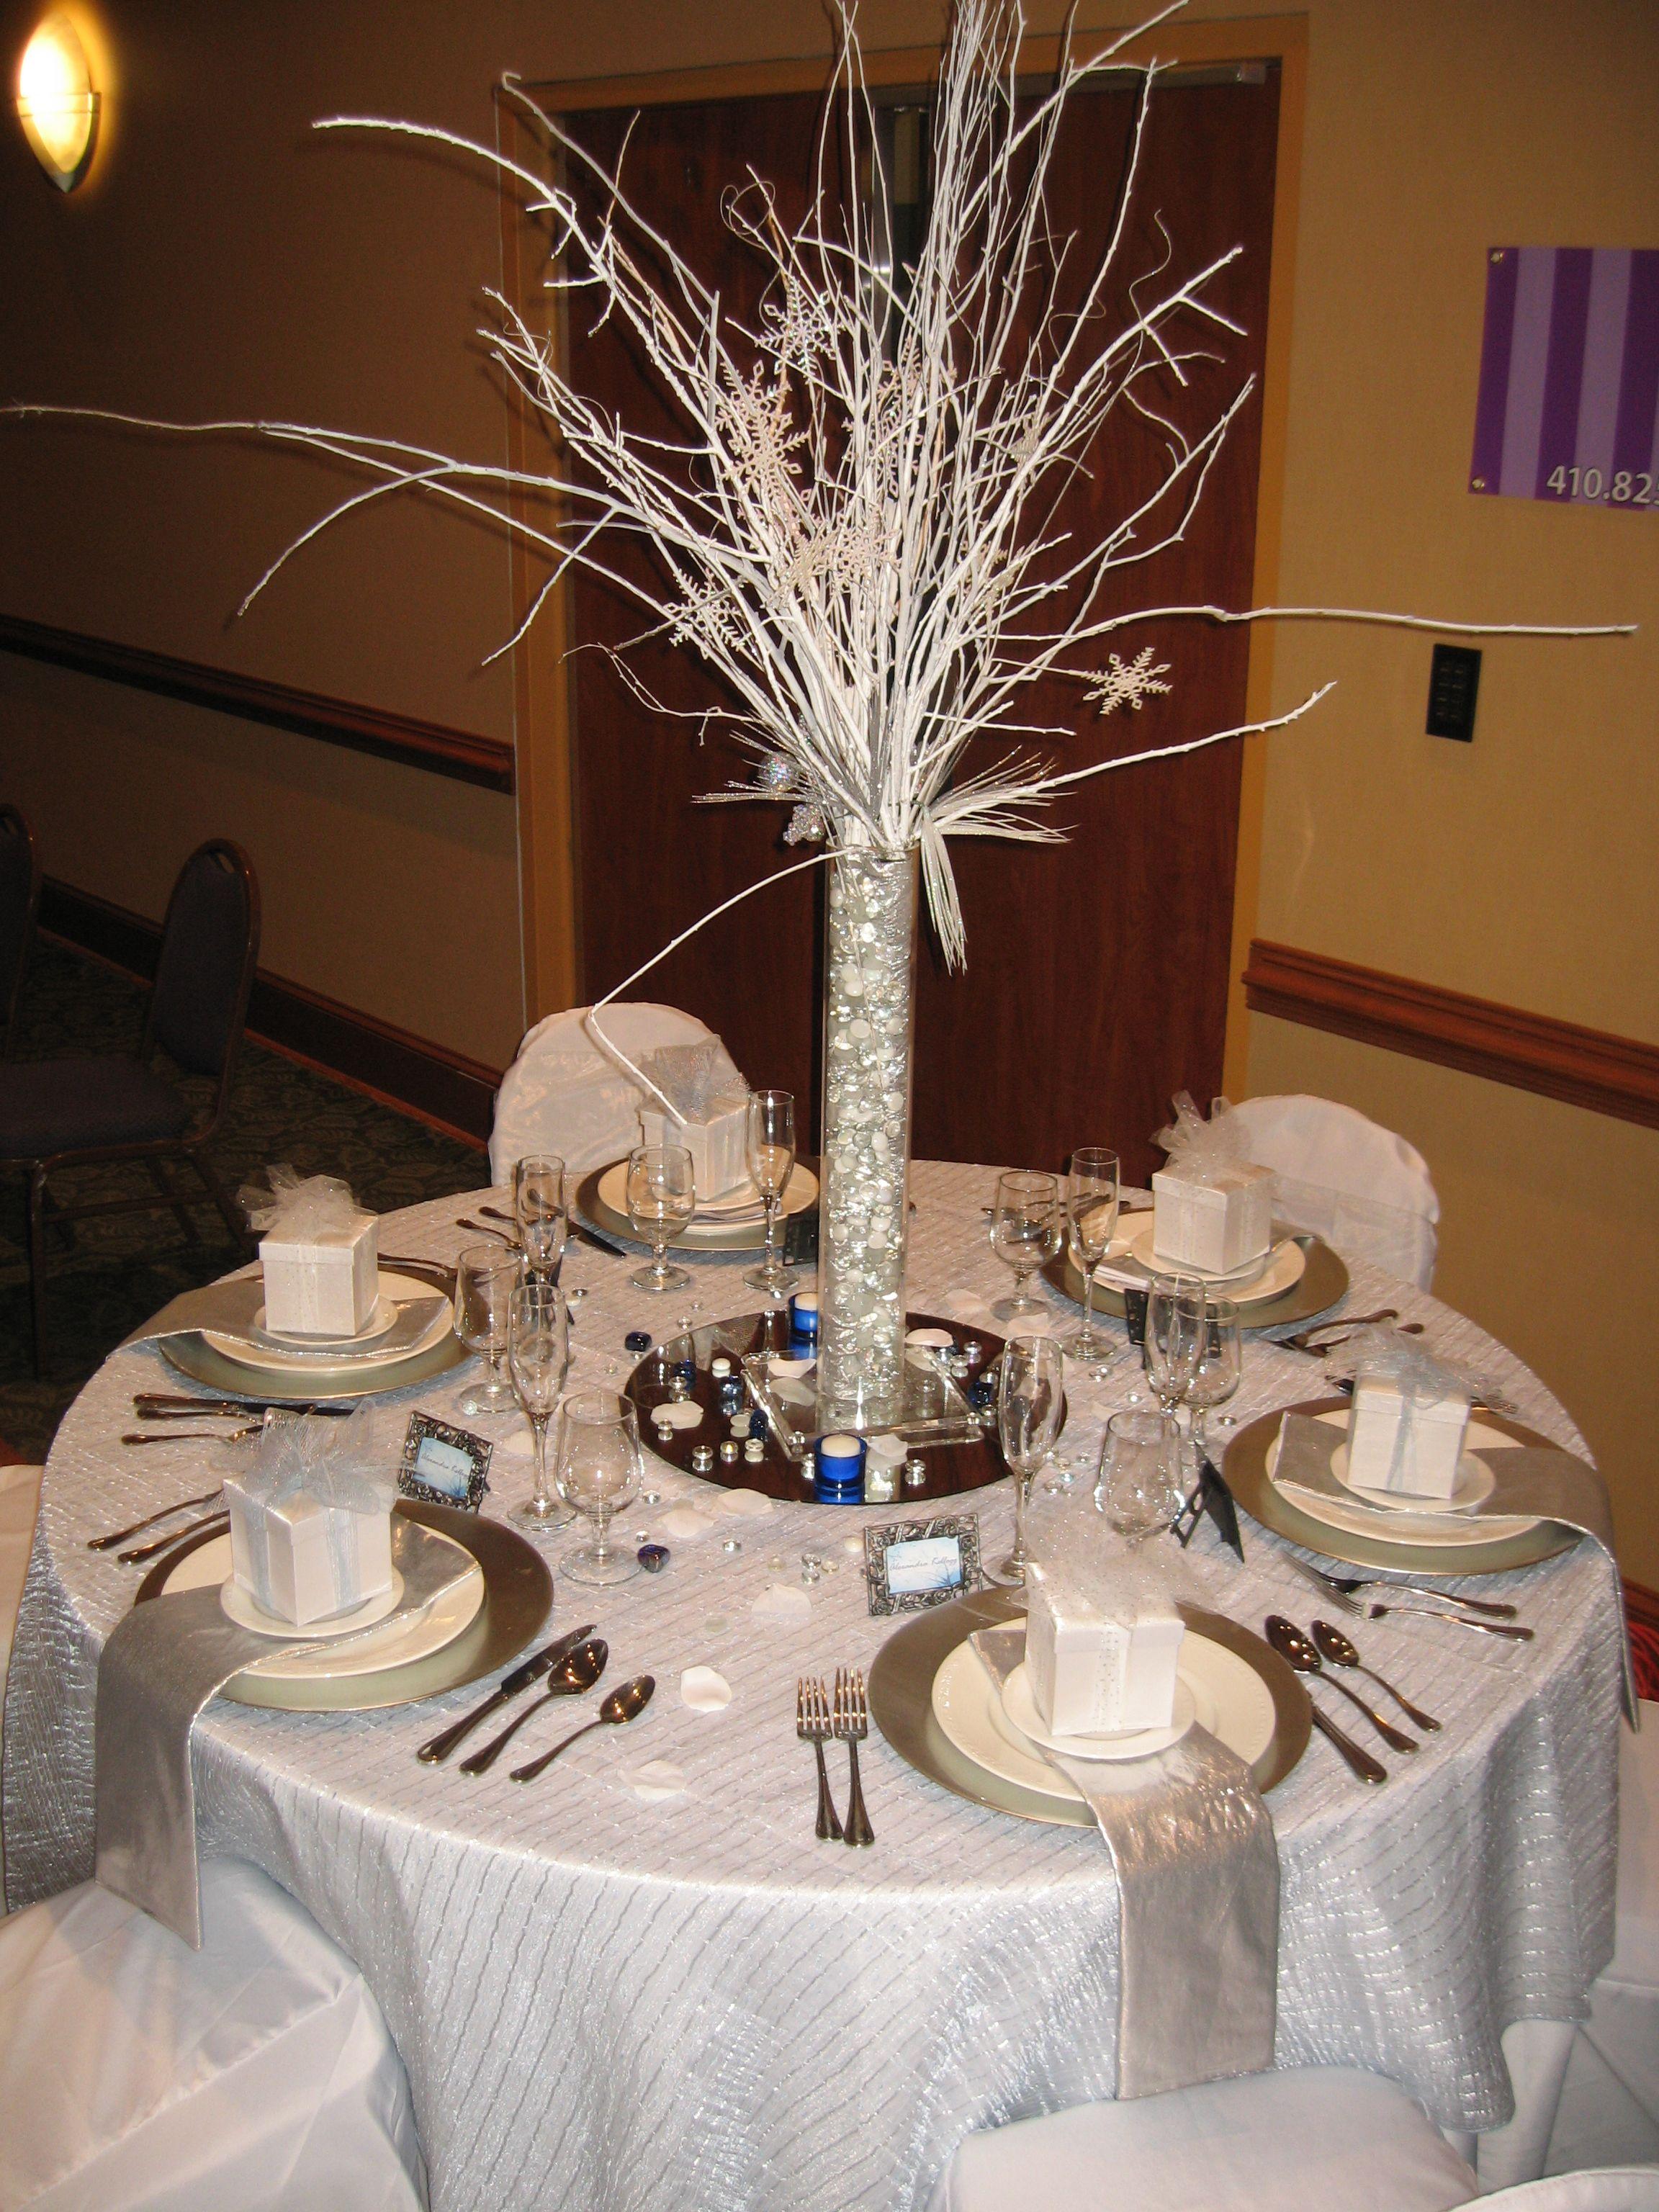 Winter Wonderland Table Decor in 2019 Winter wonderland